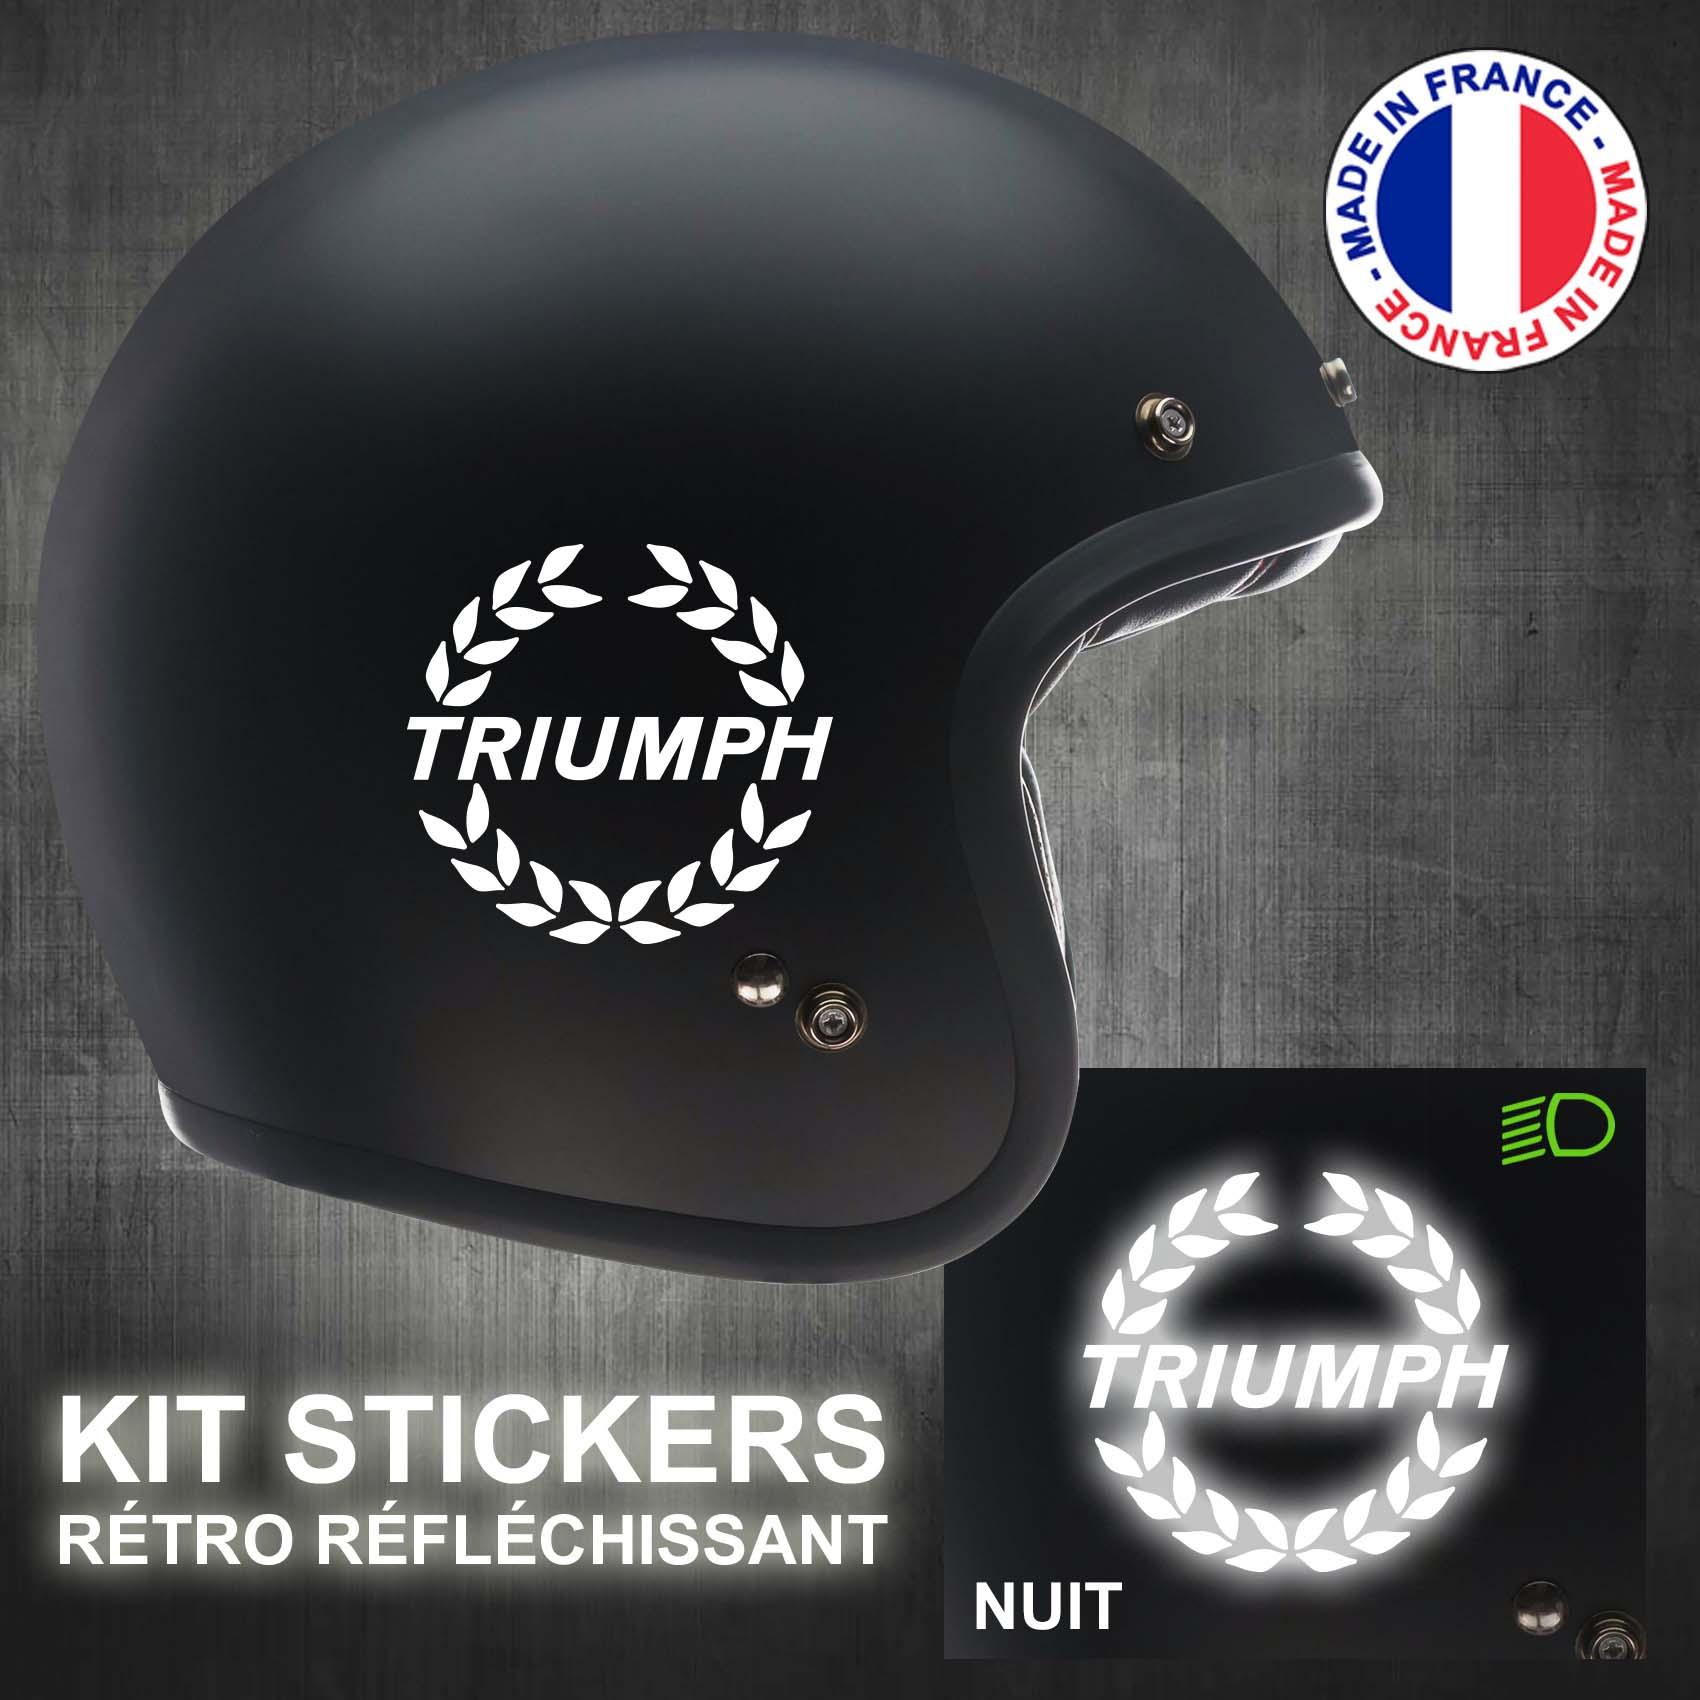 casque ref1 Stickers Triumph Autocollant moto deux roues scooter